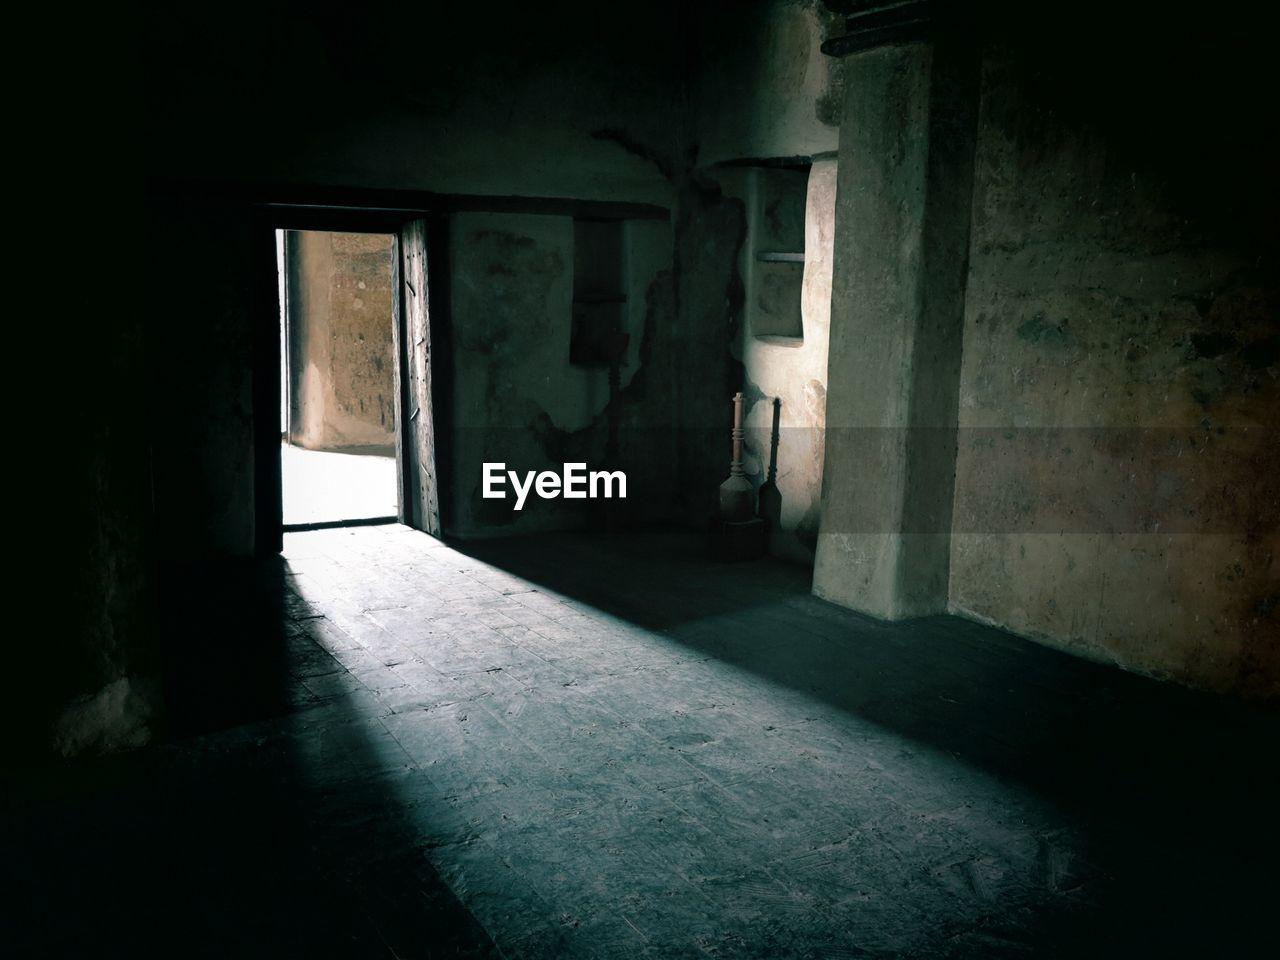 indoors, abandoned, empty, architecture, building, door, doorway, open door, built structure, window, no people, daylight, day